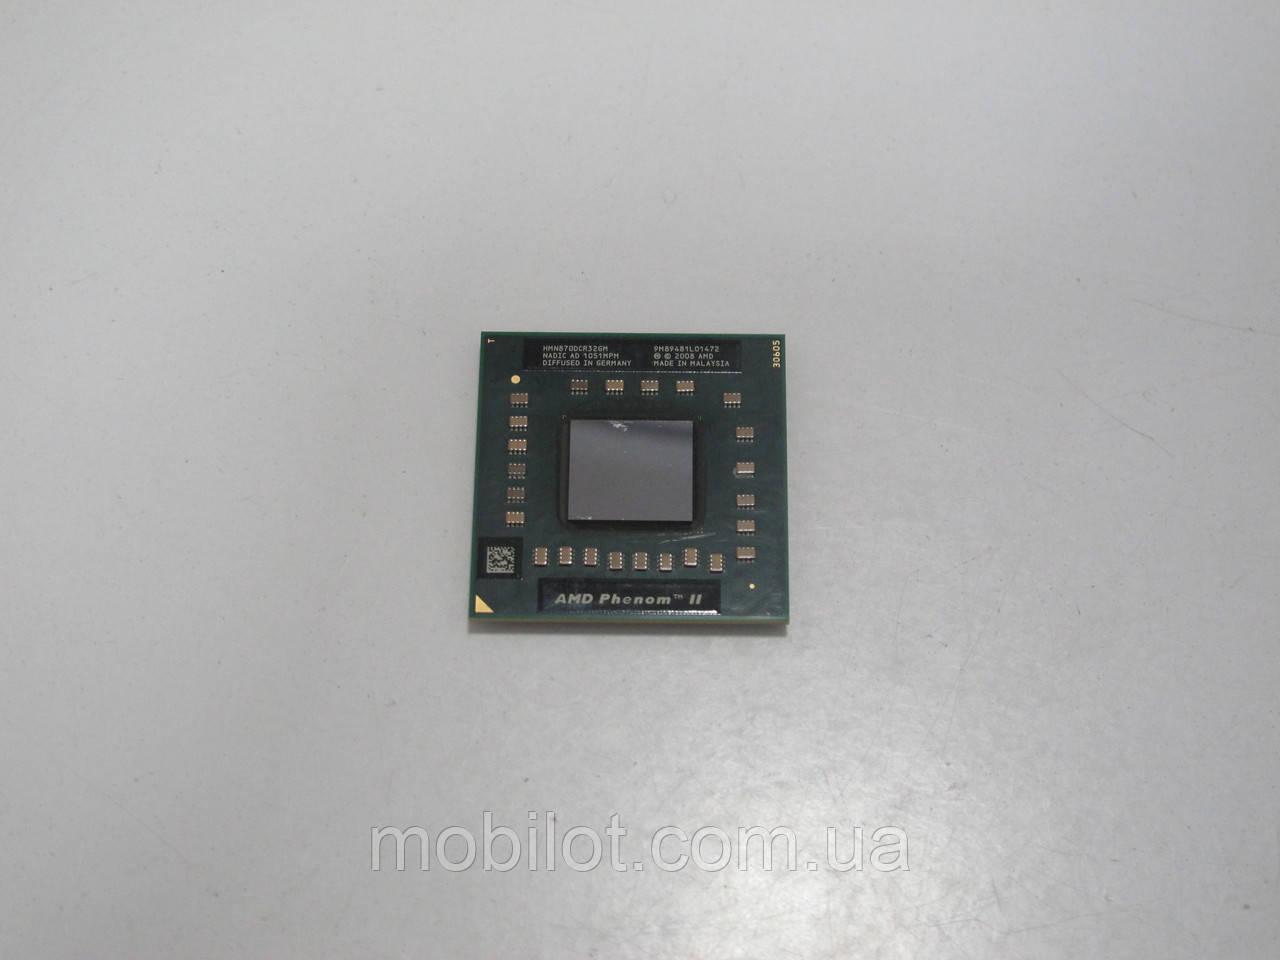 Процессор AMD Phenom II X3 N870 (NZ-5757)